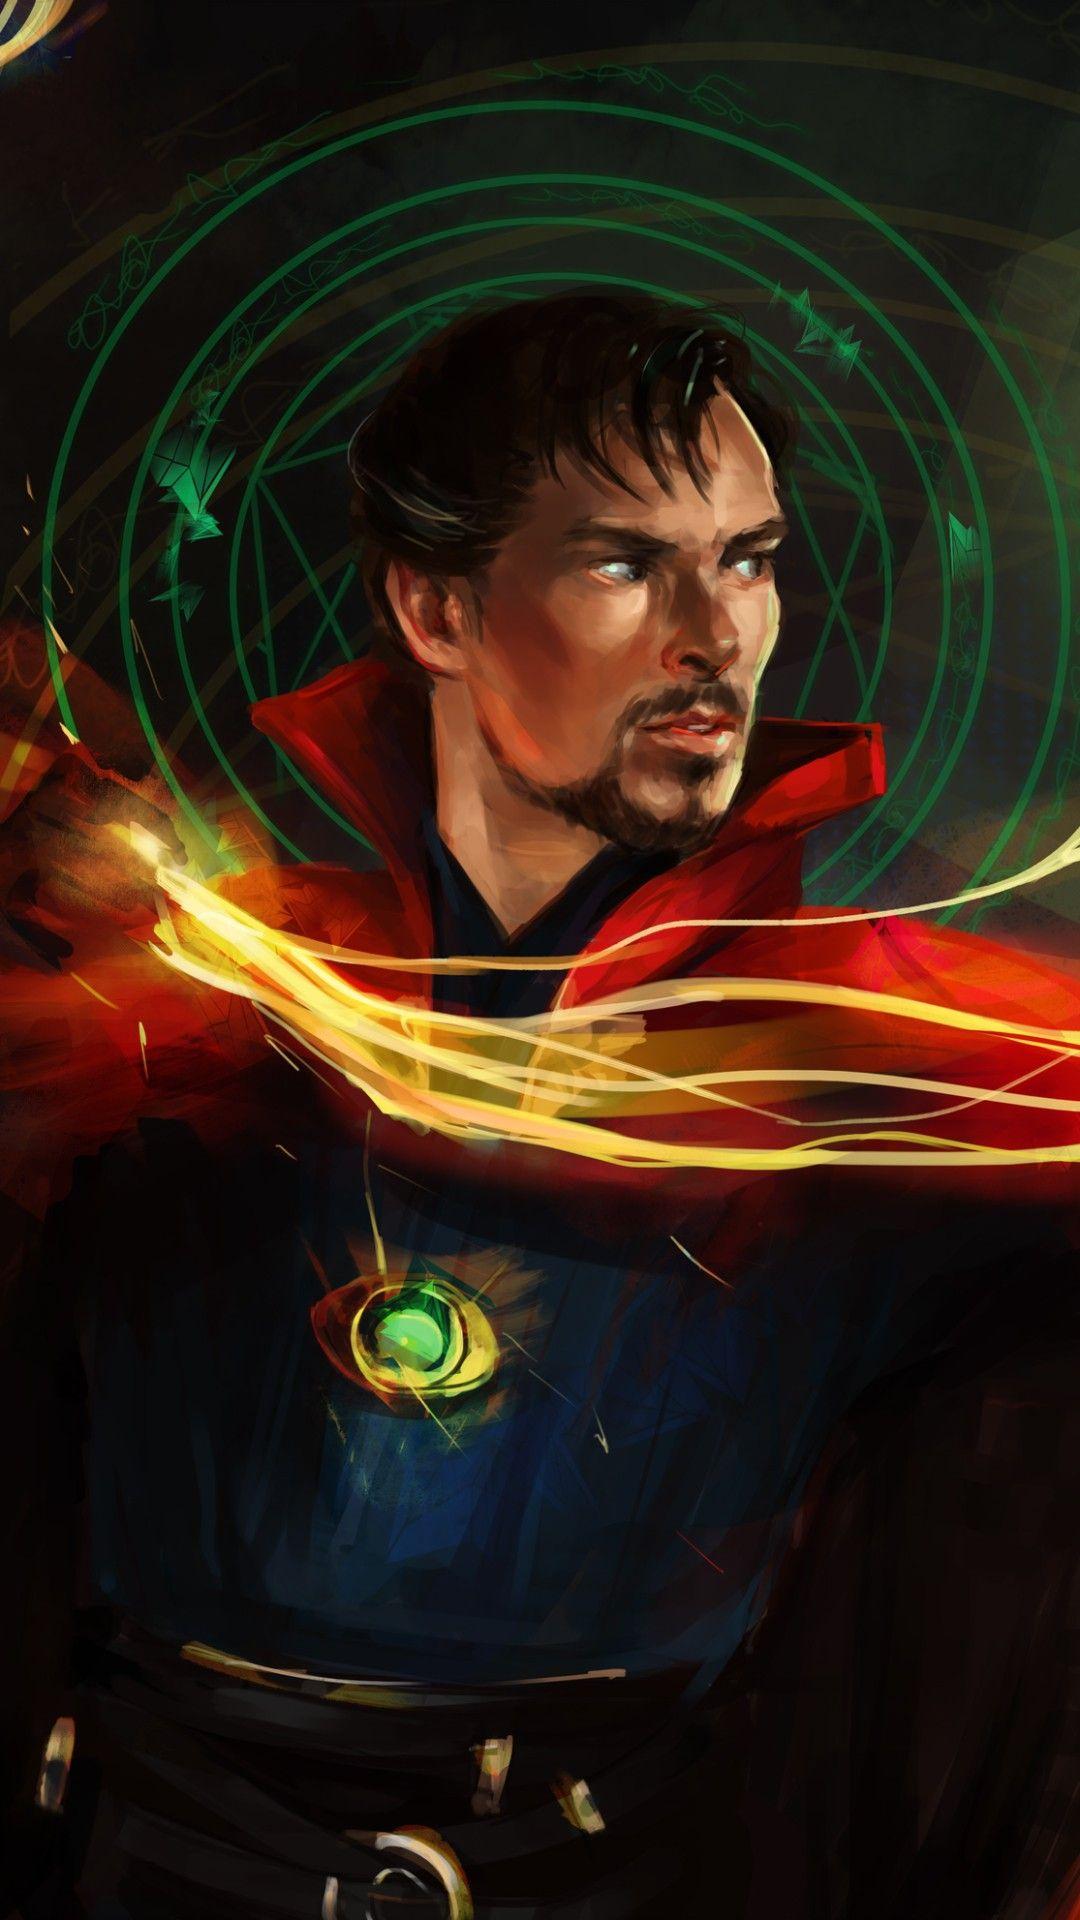 Wallpaper Phone Doutor Estranho Full Hd Superheroes Marvel